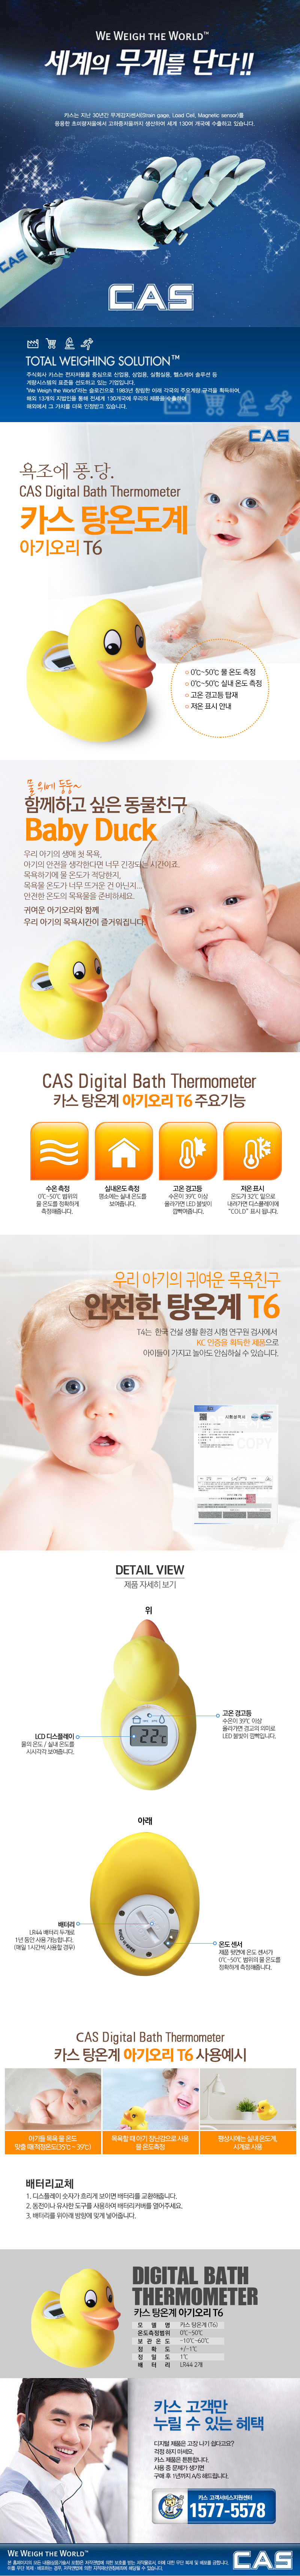 카스 탕온계 - 쥬빌리라이프, 11,900원, 목욕용품, 목욕장난감/소품